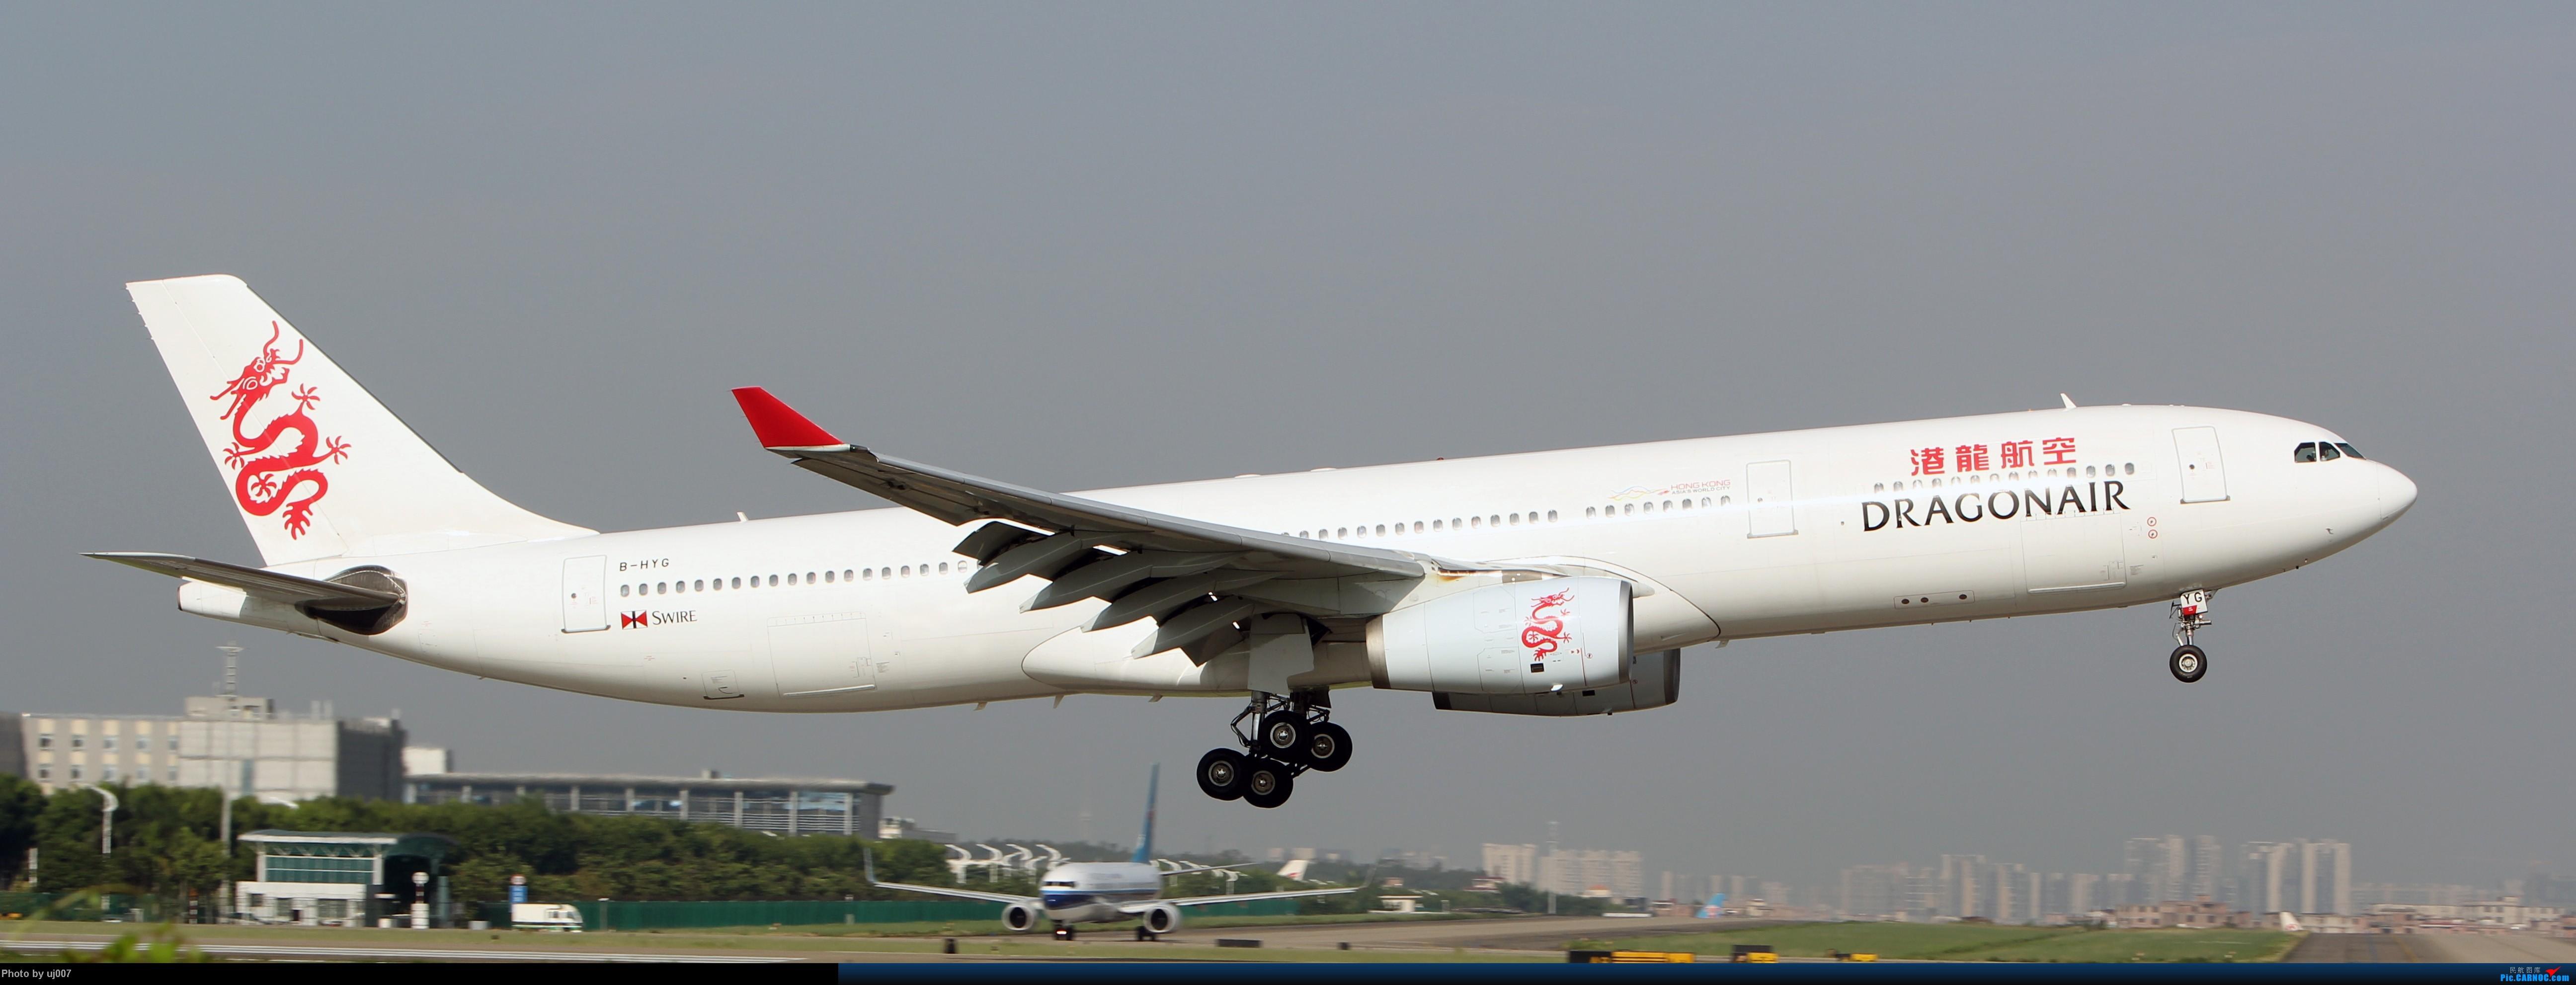 Re:[原创]10月2日白云拍机(大飞机,特别妆,外航,闪灯,擦烟)求指点. AIRBUS A330-300 B-HYG 广州白云国际机场